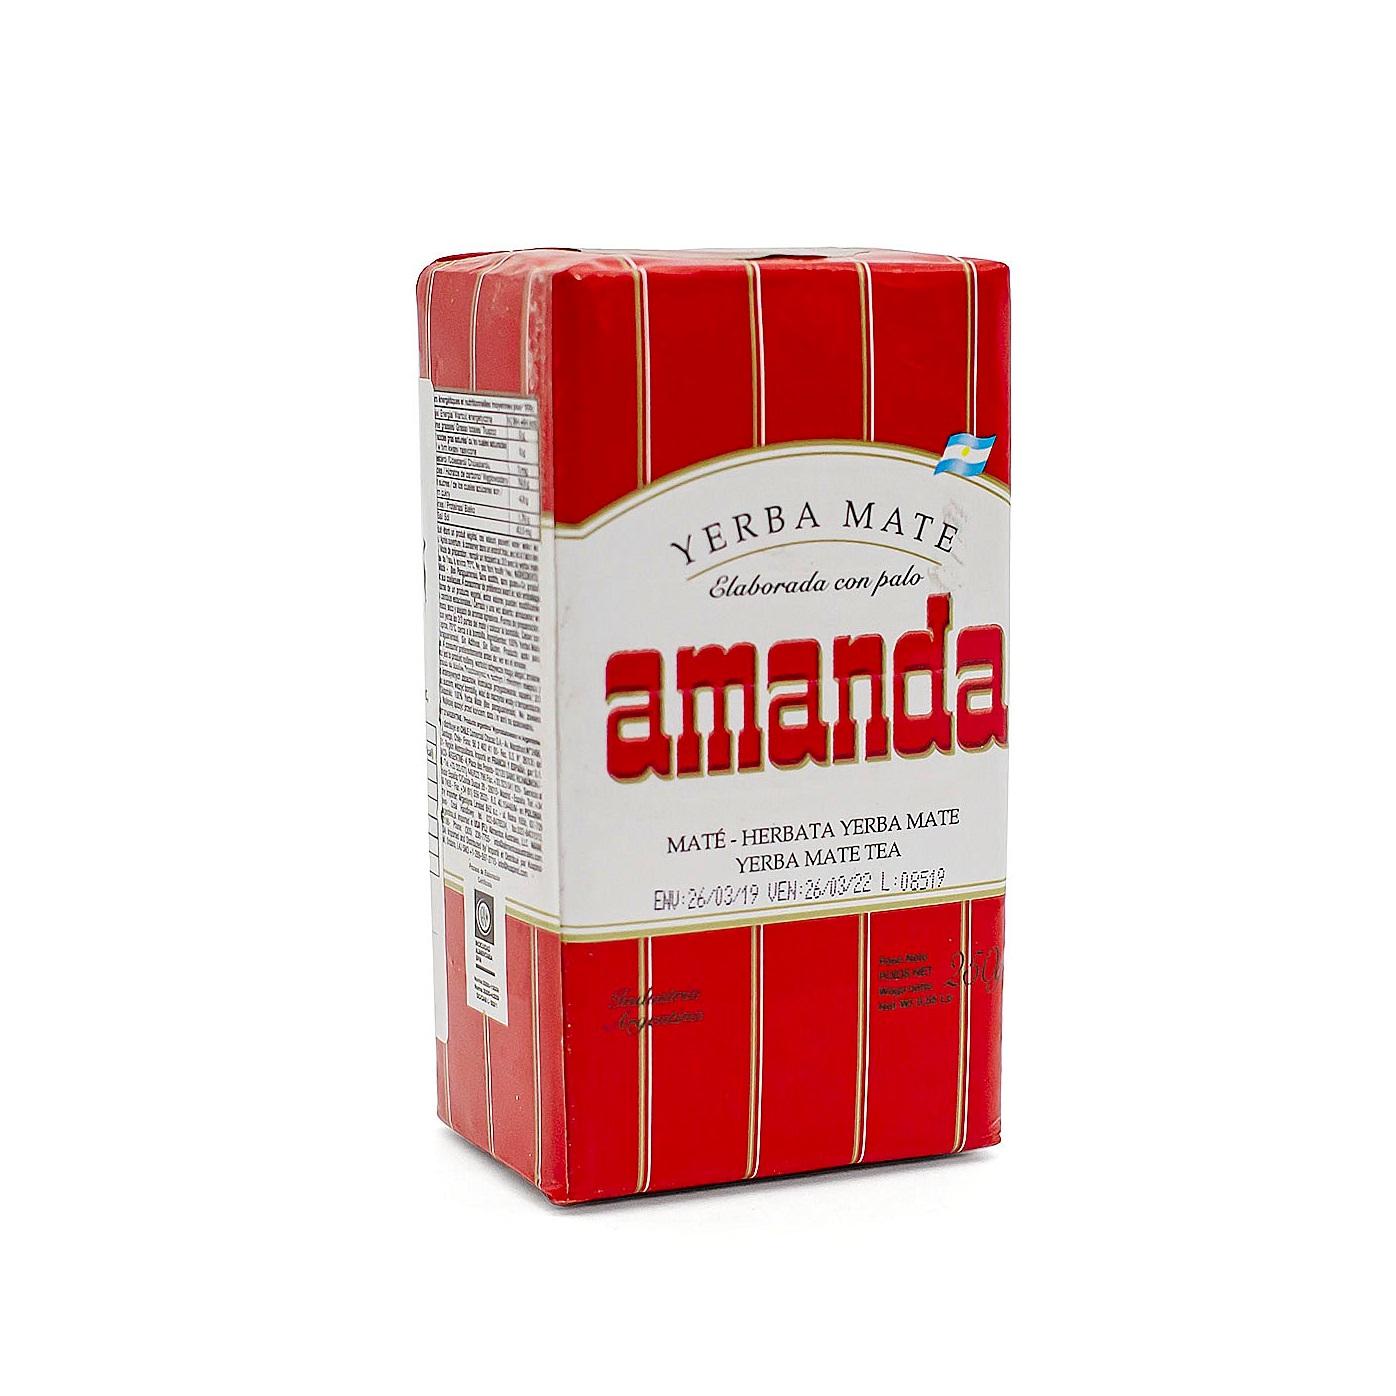 Мате Amanda Tradicional pressed, 250 г мате amanda tradicional pressed 250 г